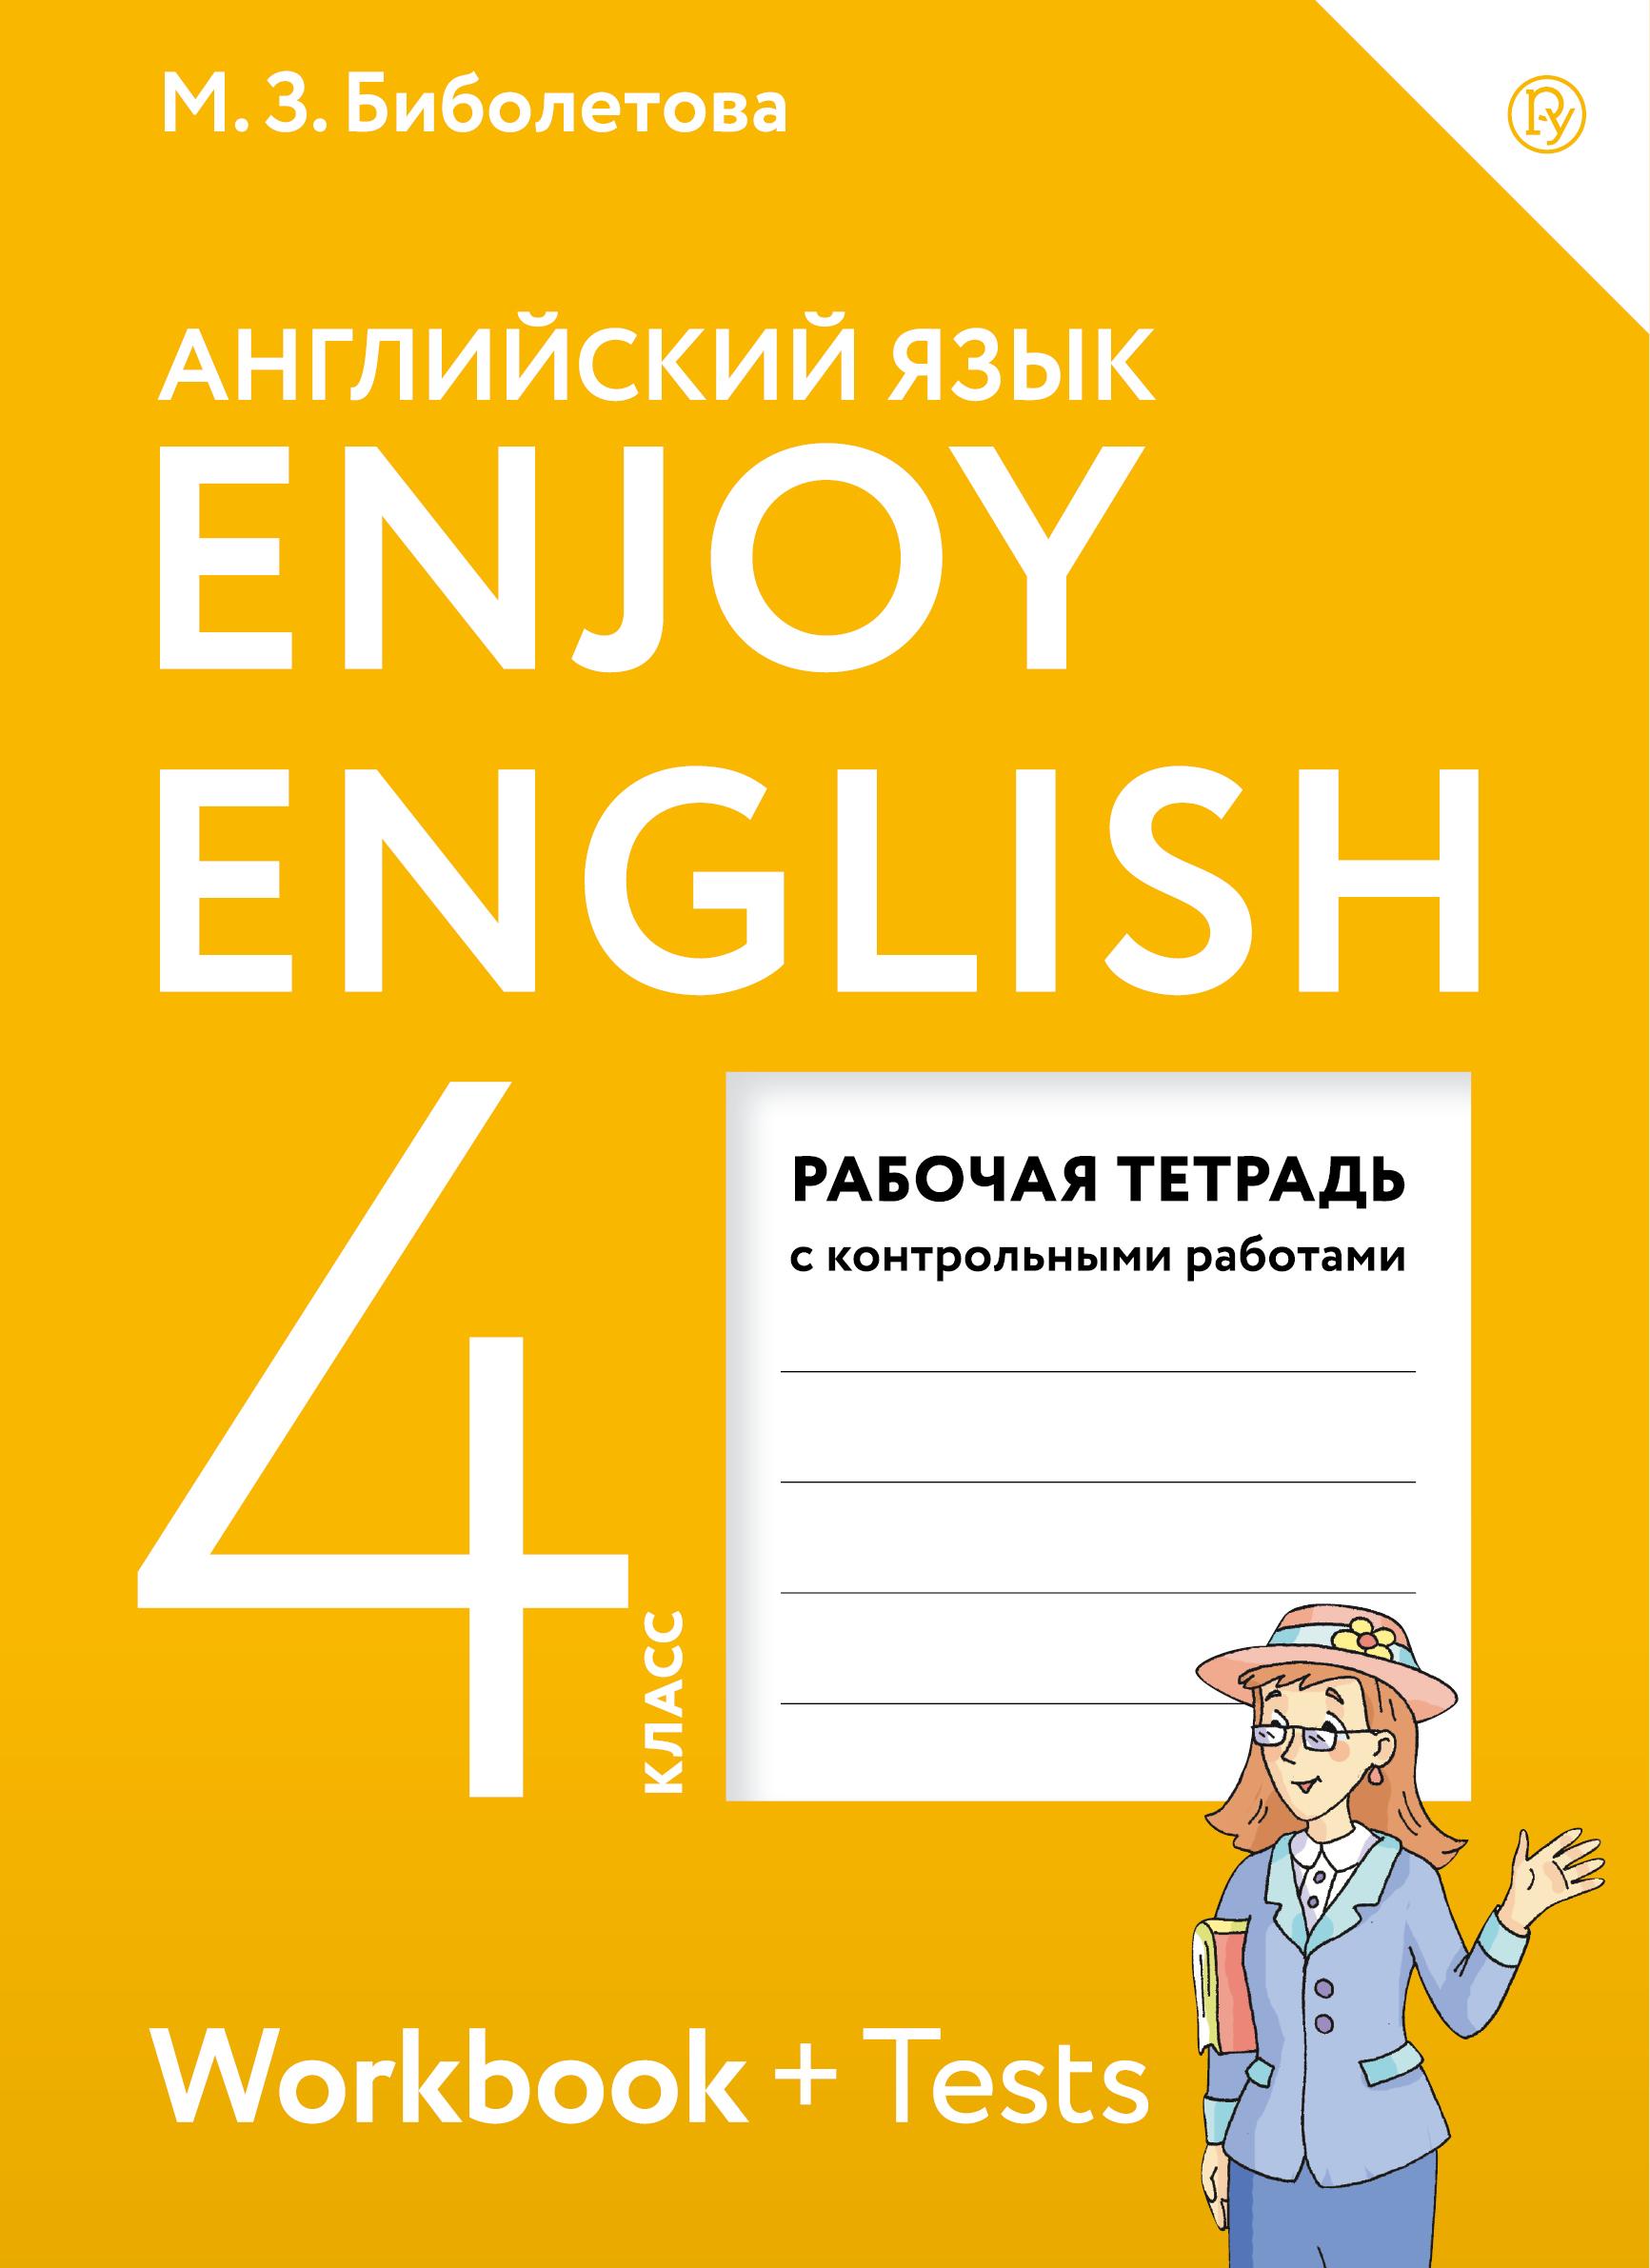 Гдз по английскому языку 4 класс биболетова учебник страница